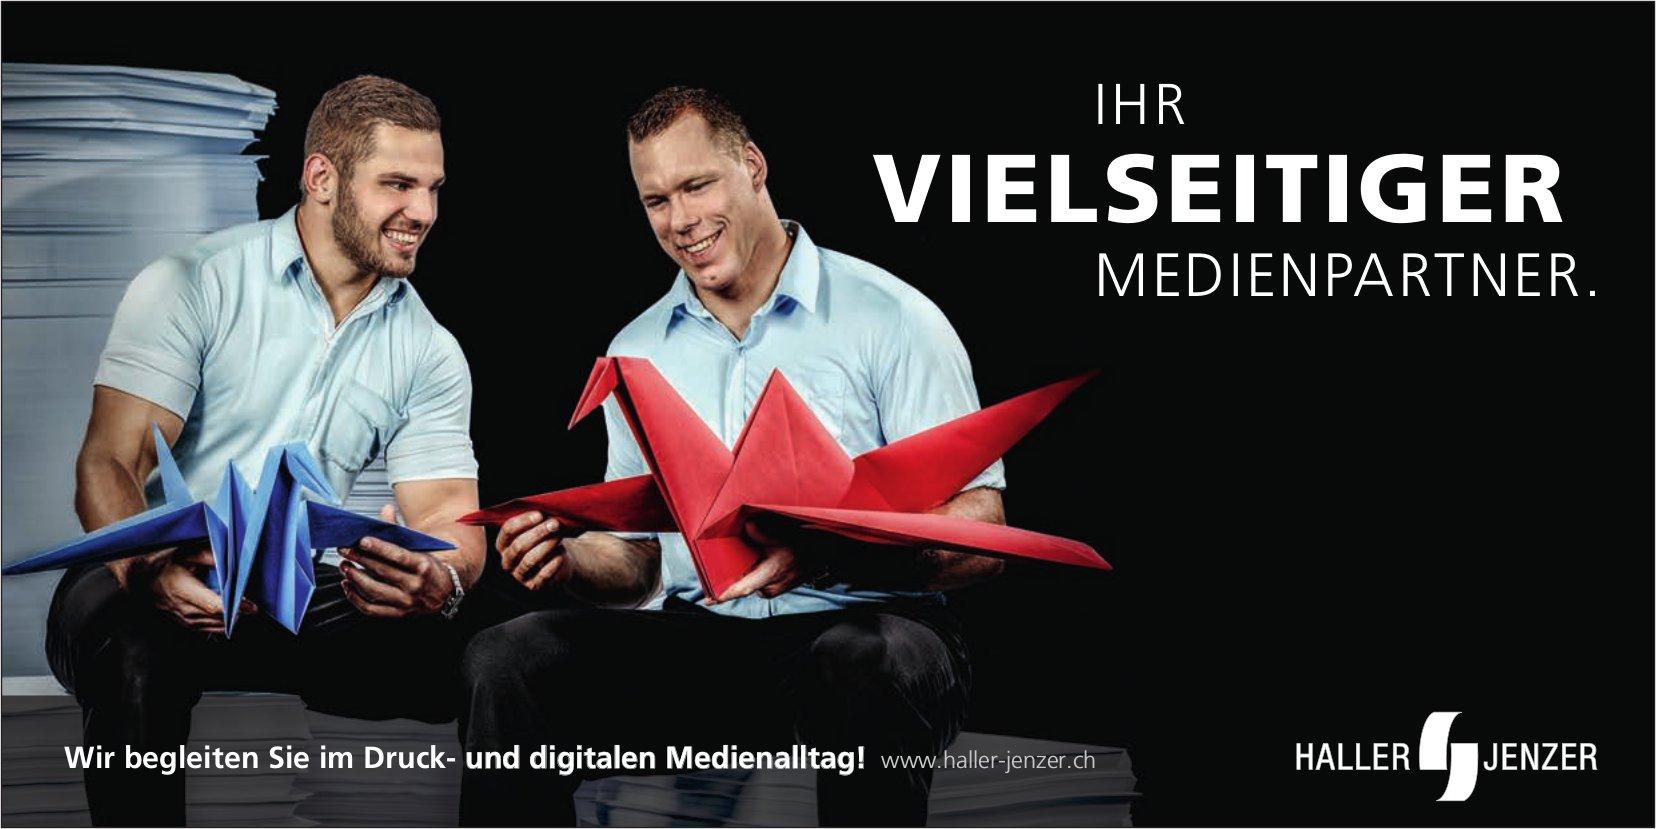 Ihr vielseitiger Medienpartner, Haller Jenzer